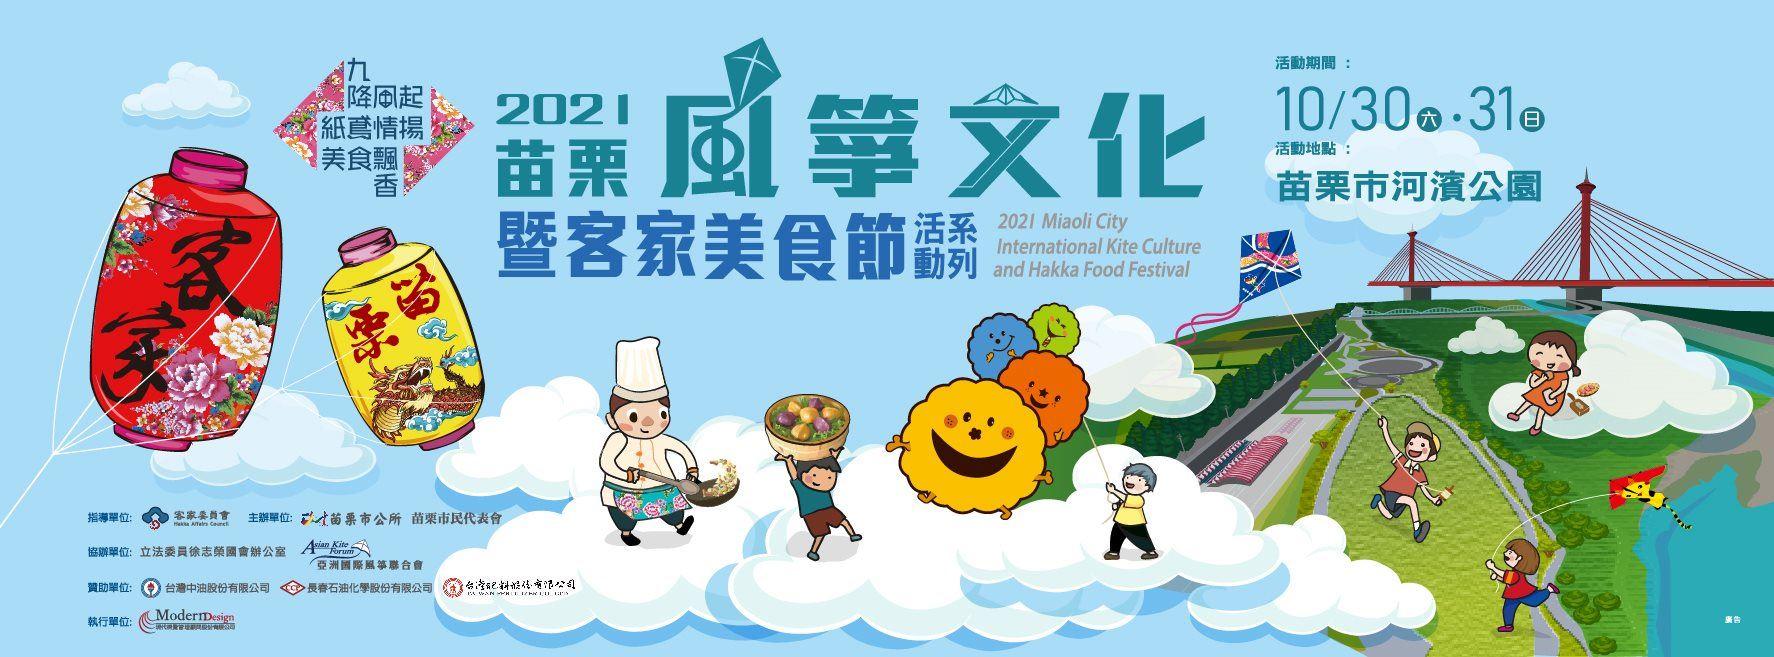 苗栗2021「九降風起 紙鳶情揚 美食飄香」 風箏文化暨客家美食節